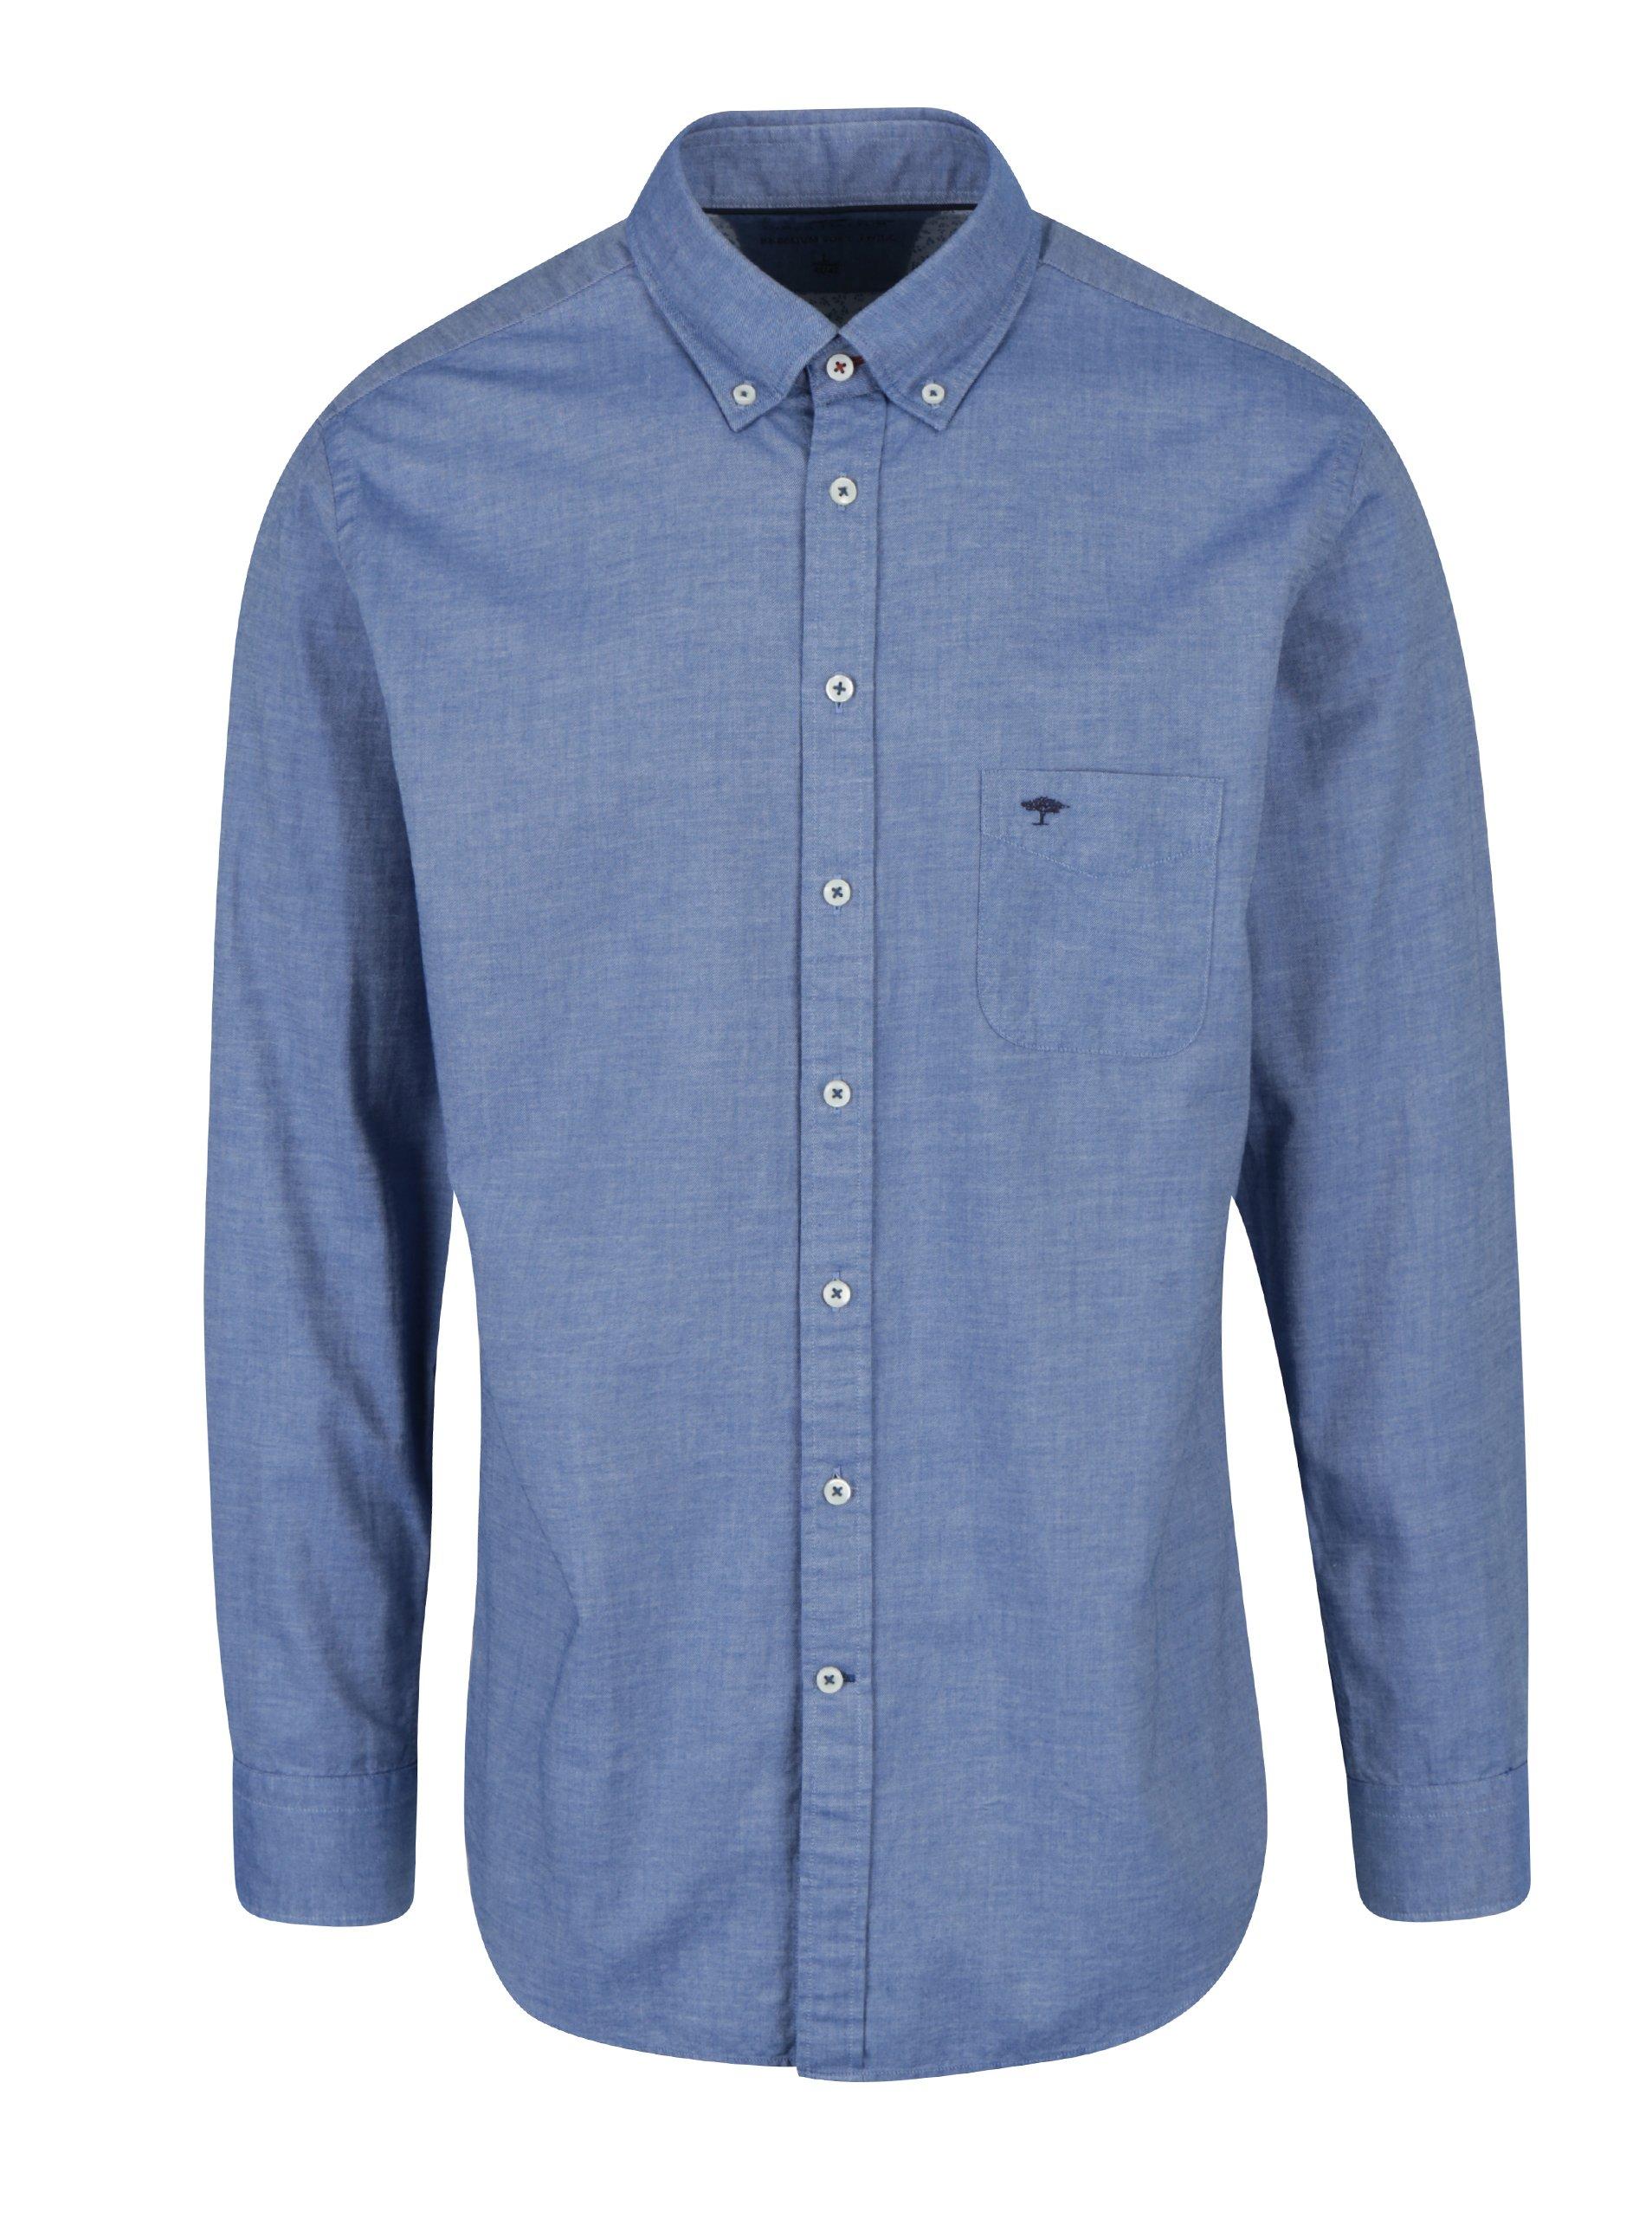 Modrá košile s náprsní kapsou Fynch-Hatton